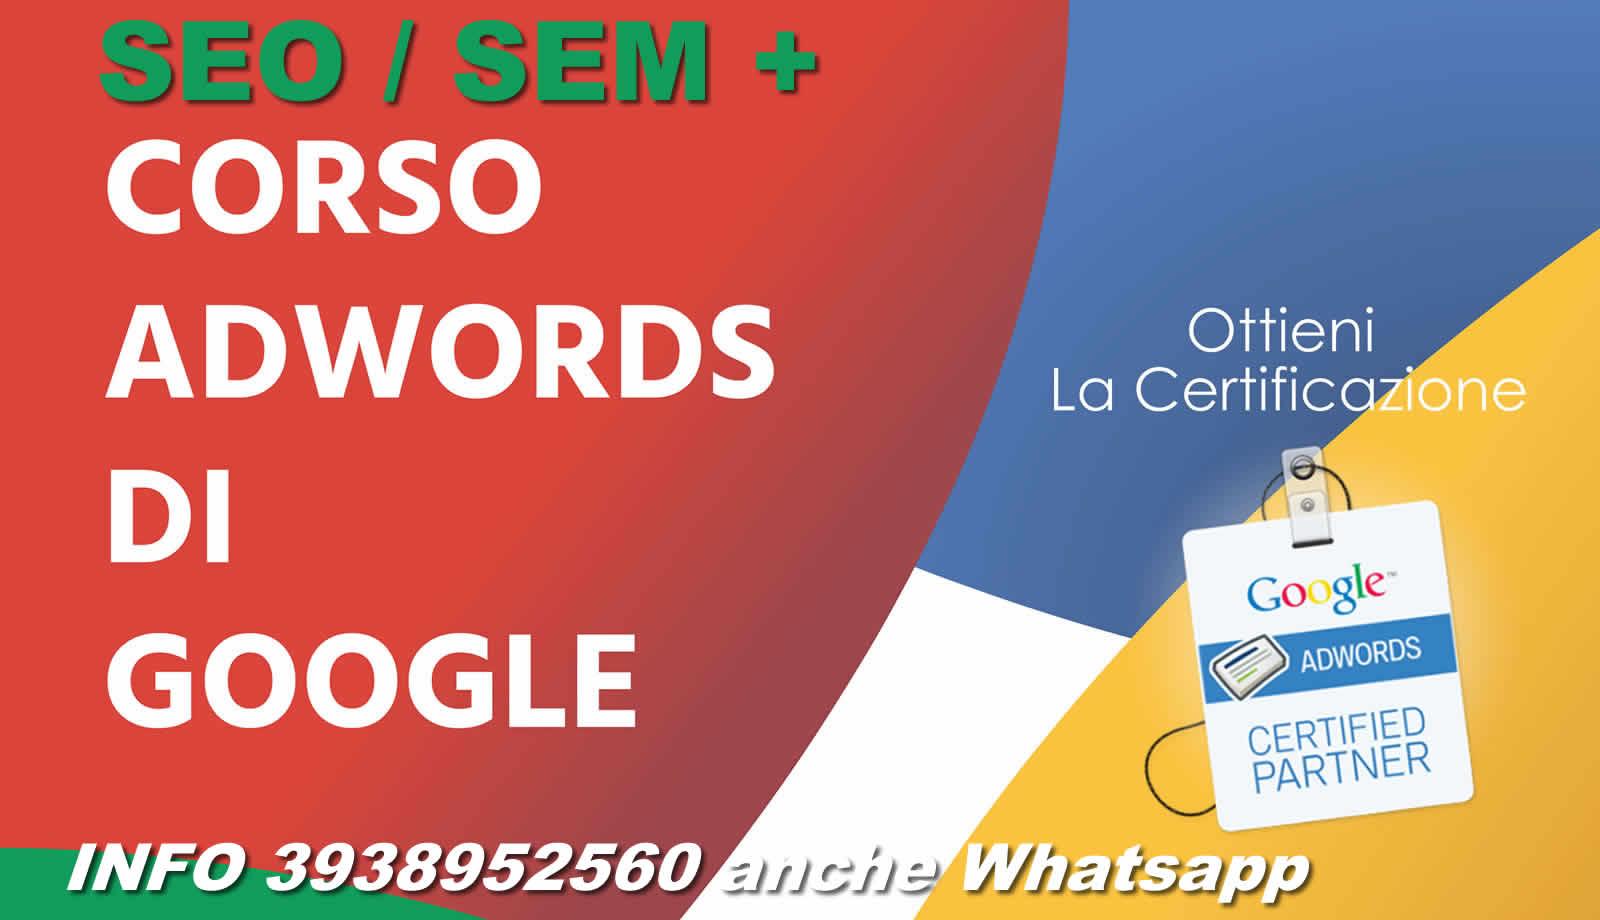 corso seo google adwords